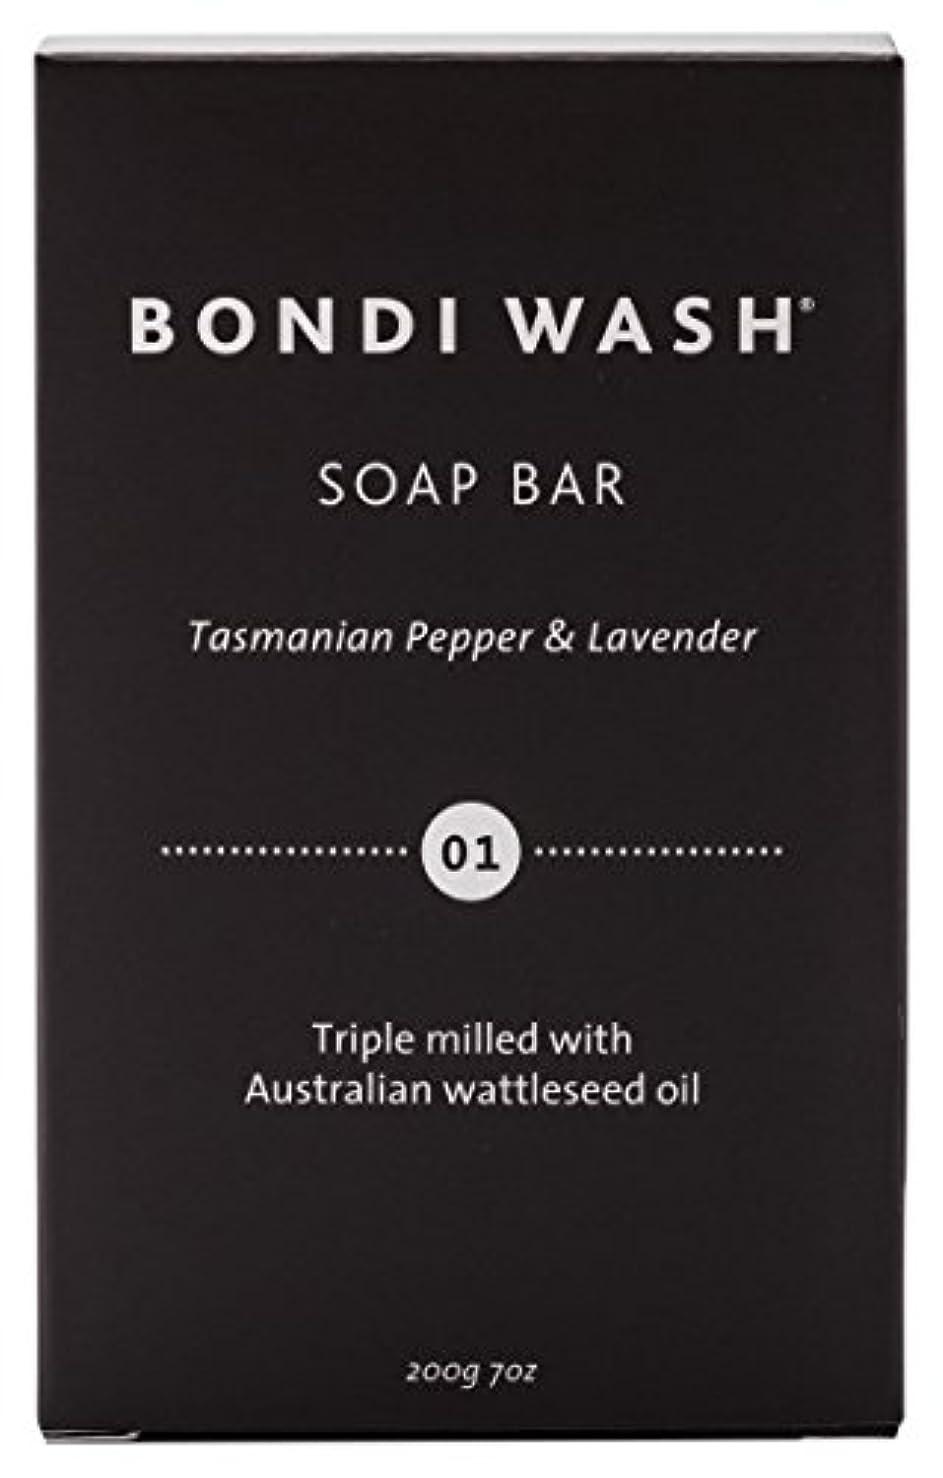 分注するすごい慢BONDI WASH ソープバー(固形石鹸) タスマニアンペッパー&ラベンダー 200g